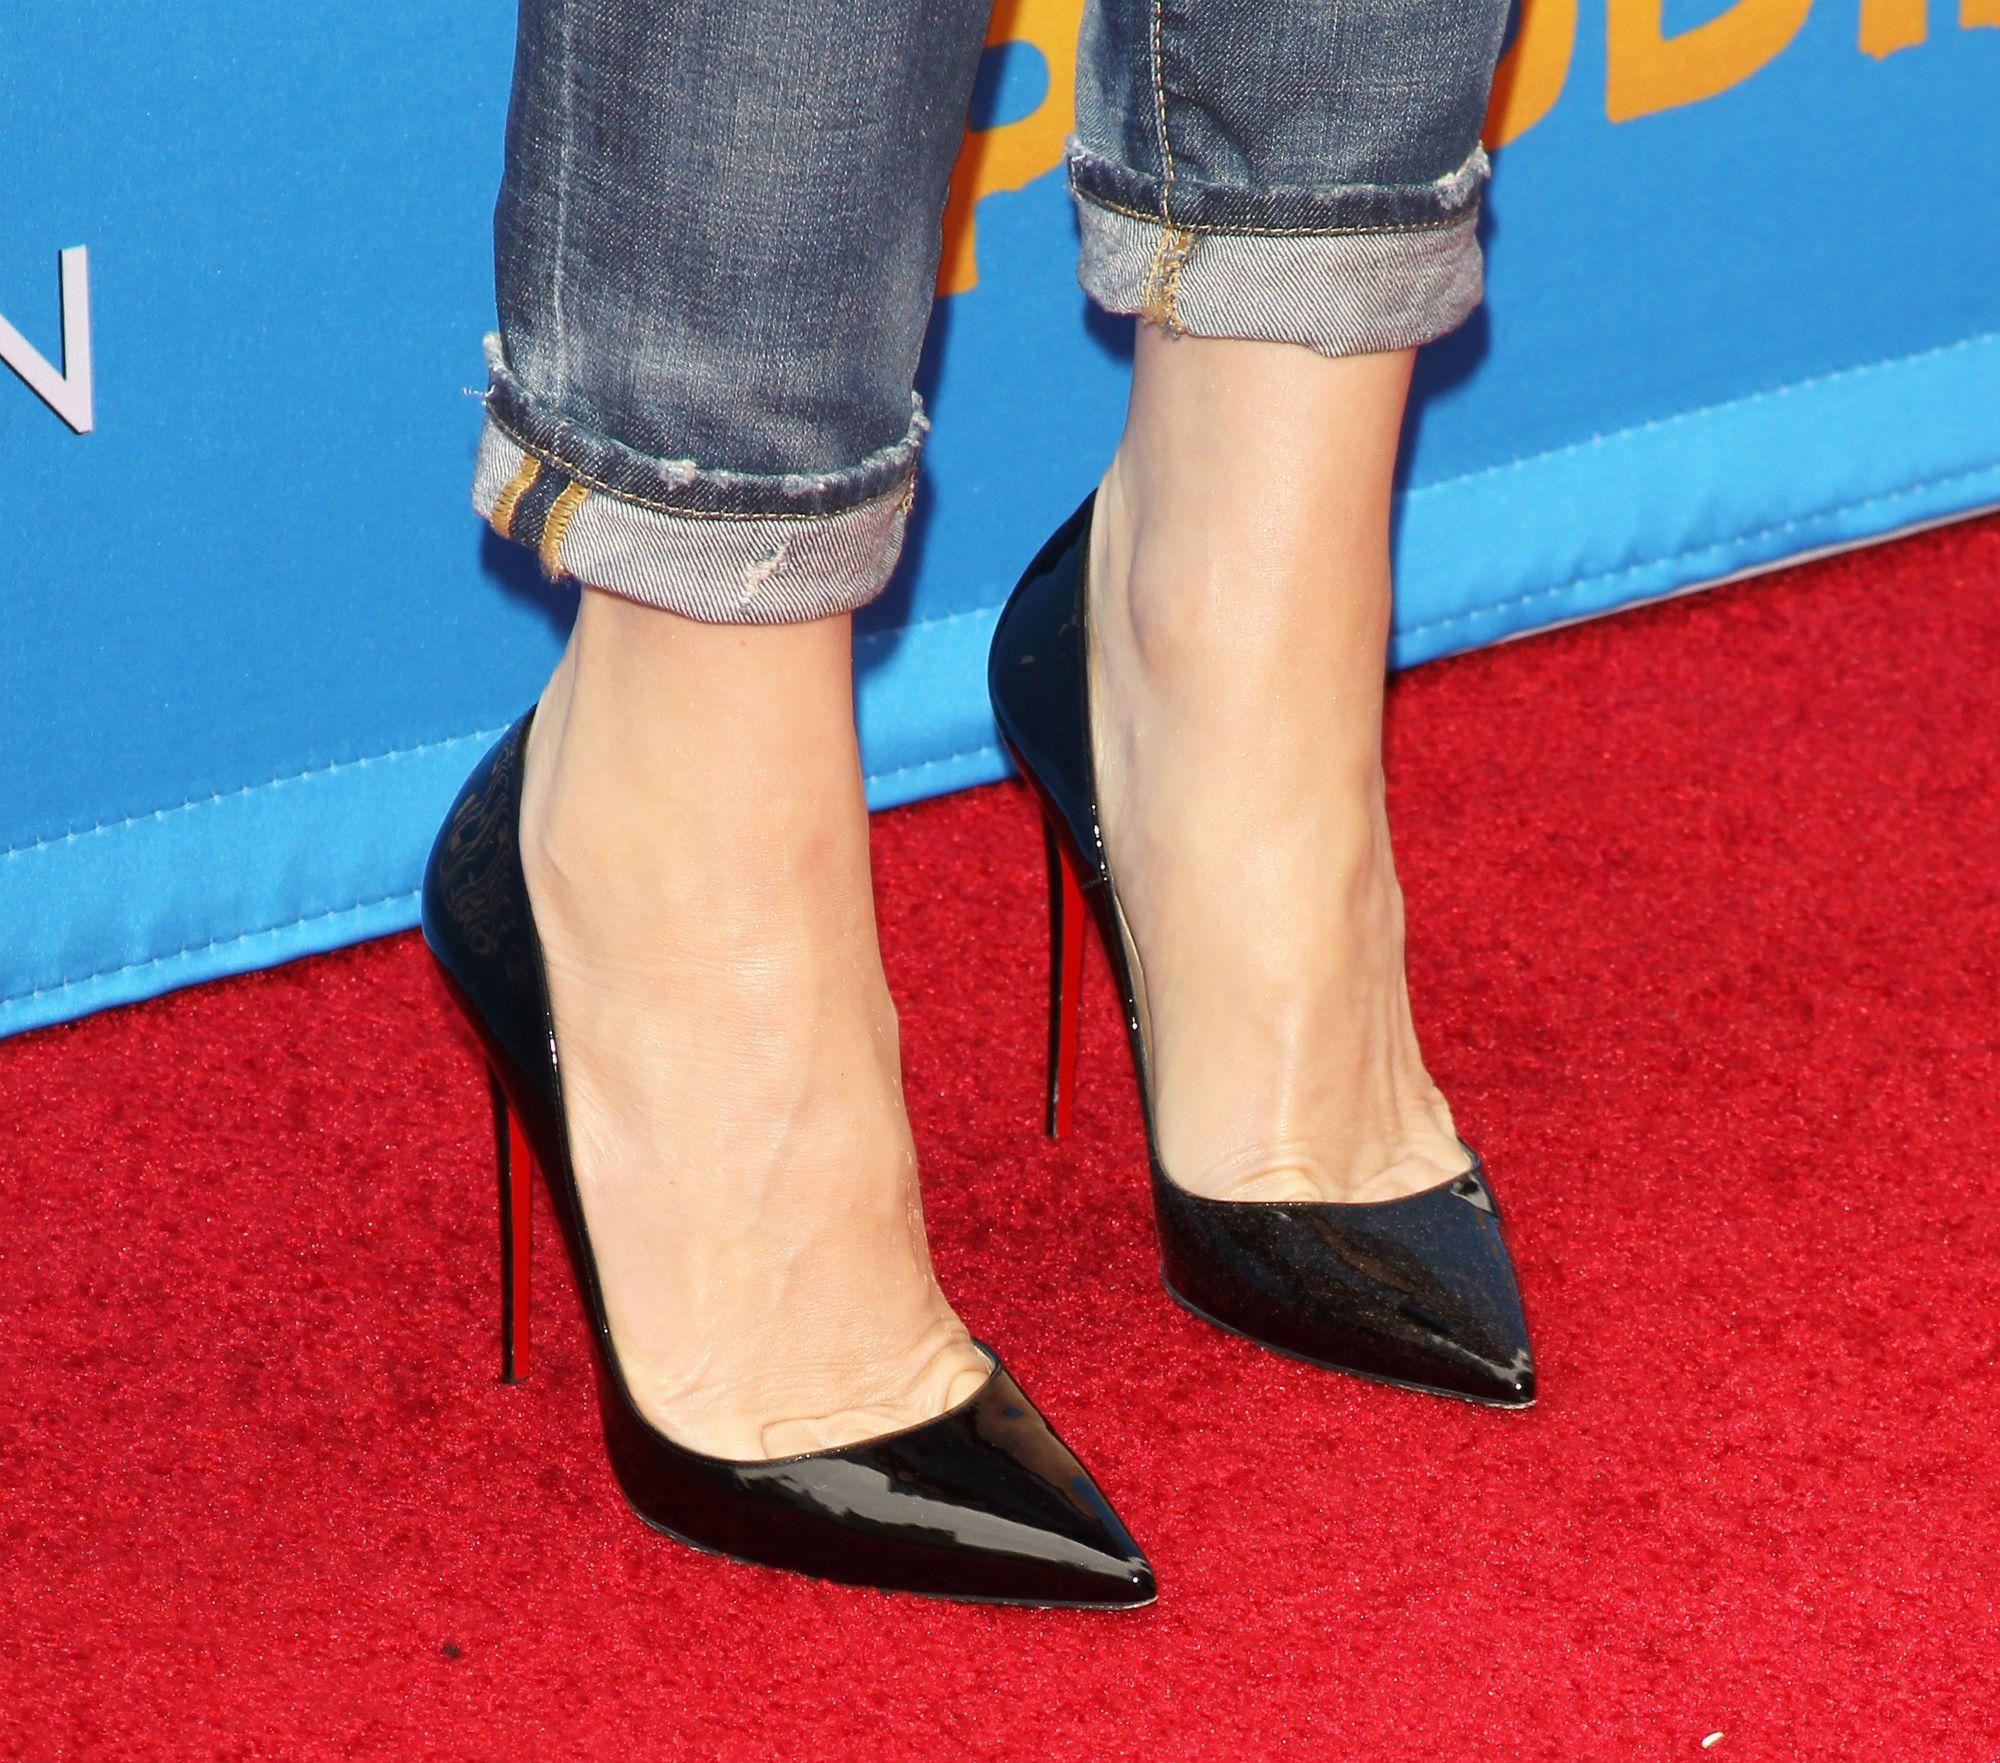 Jeans celebrities wear